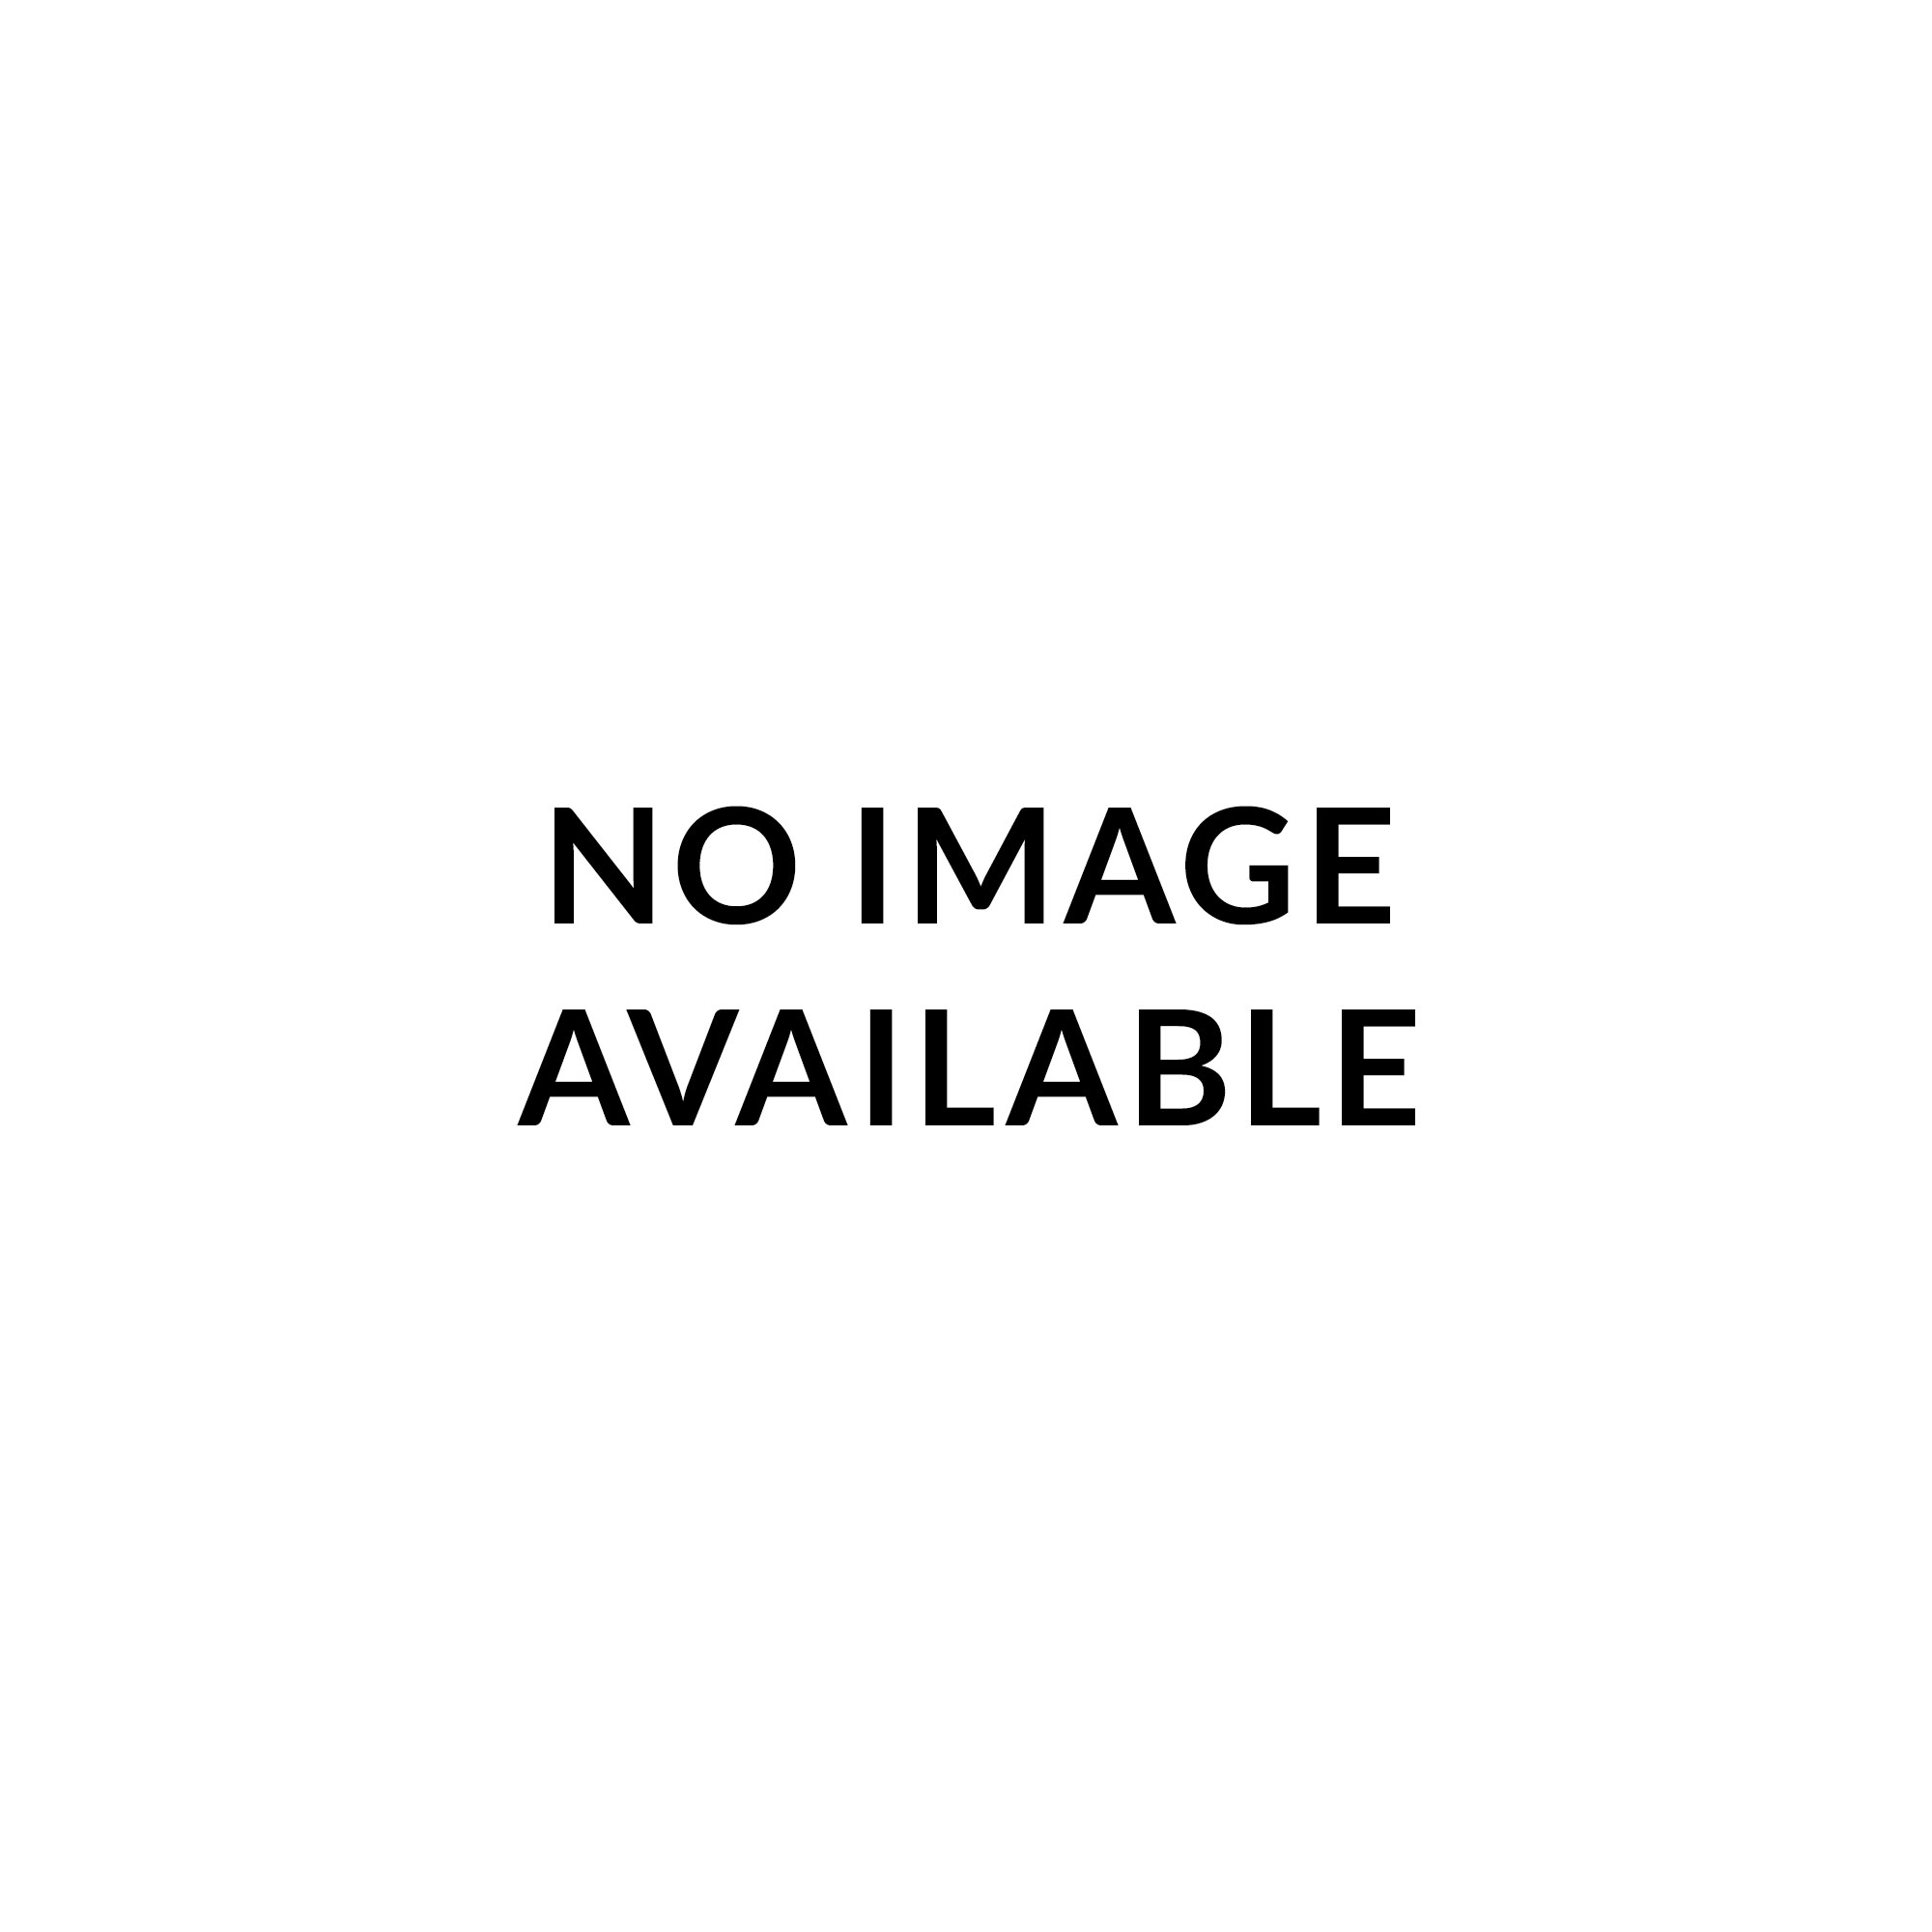 Fender Genuine Bikini Girl Keyring 910-0263-000